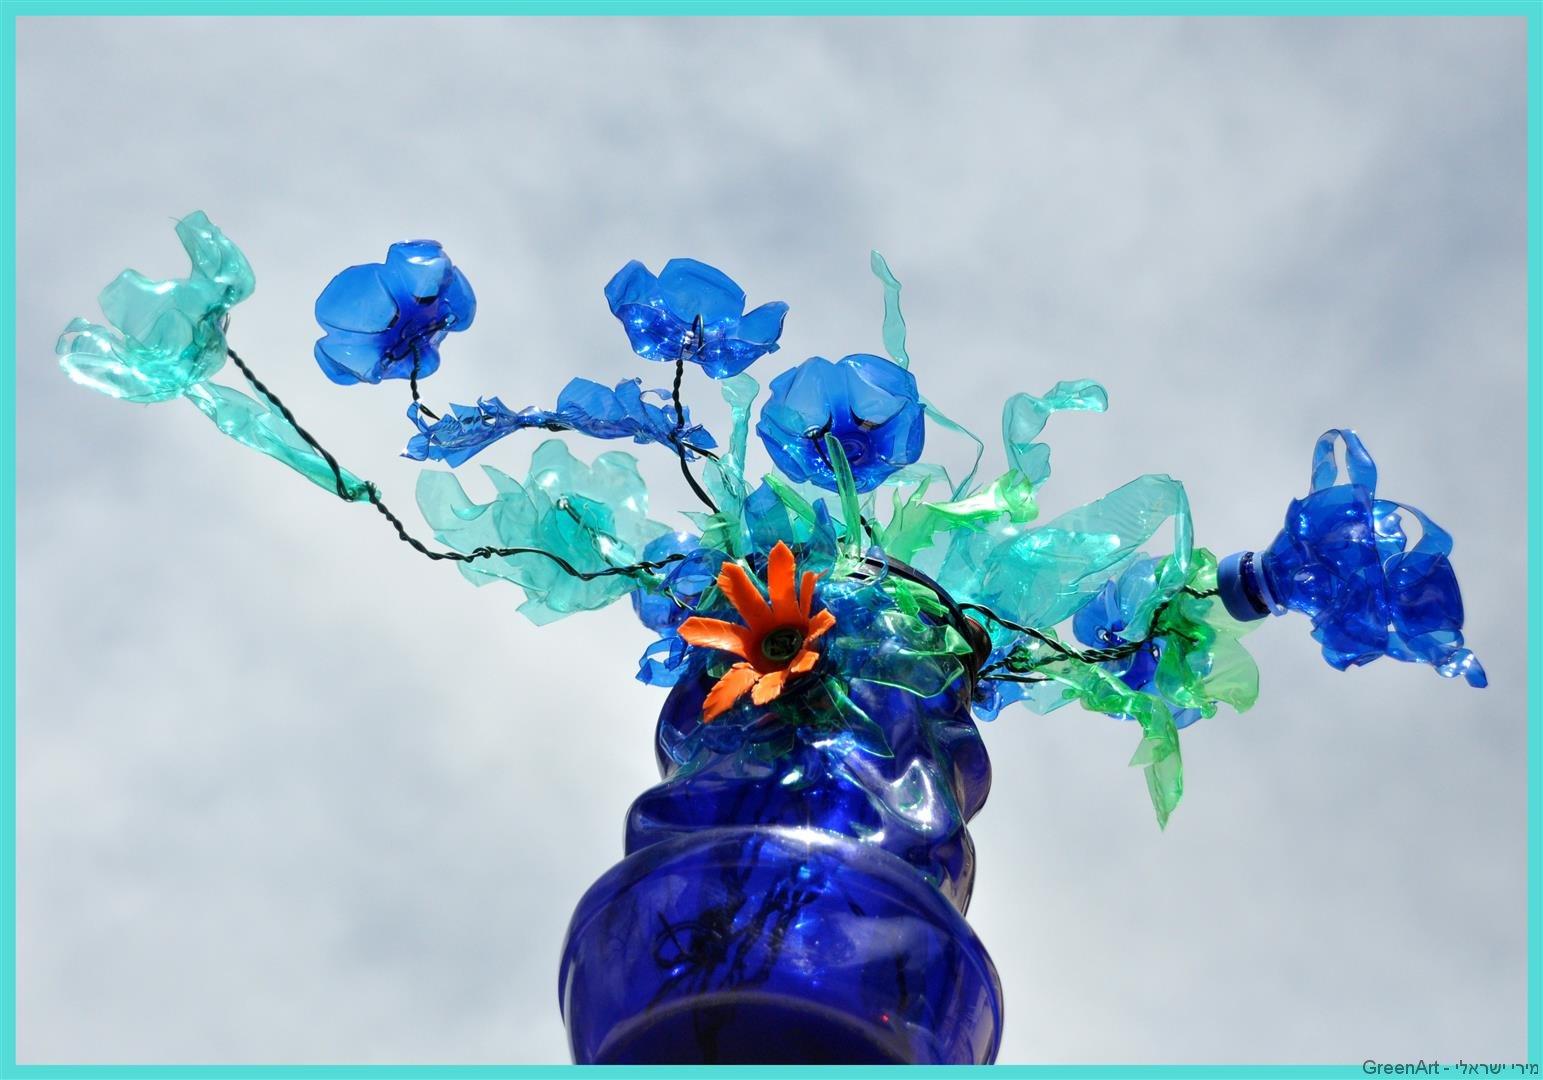 אמנות הפיסול מבקבוקי פלסטיק ECO ART